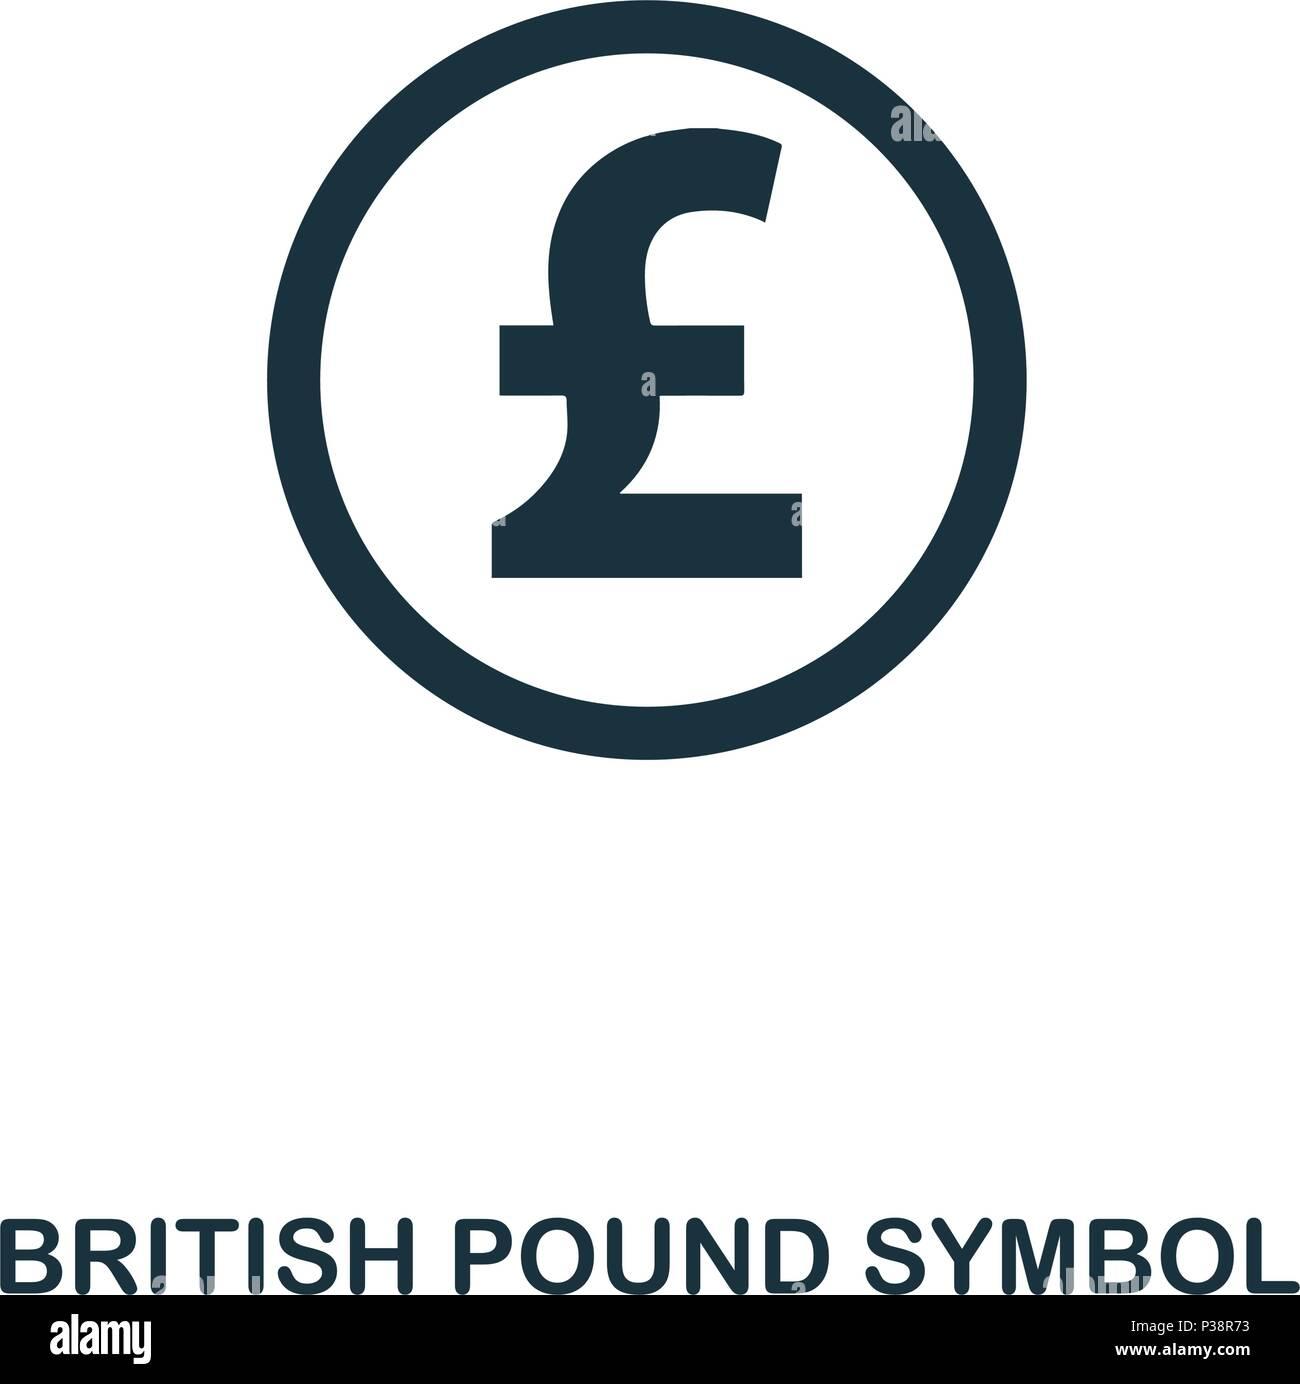 Icone Symbole De La Livre Sterling Application Pour Mobile